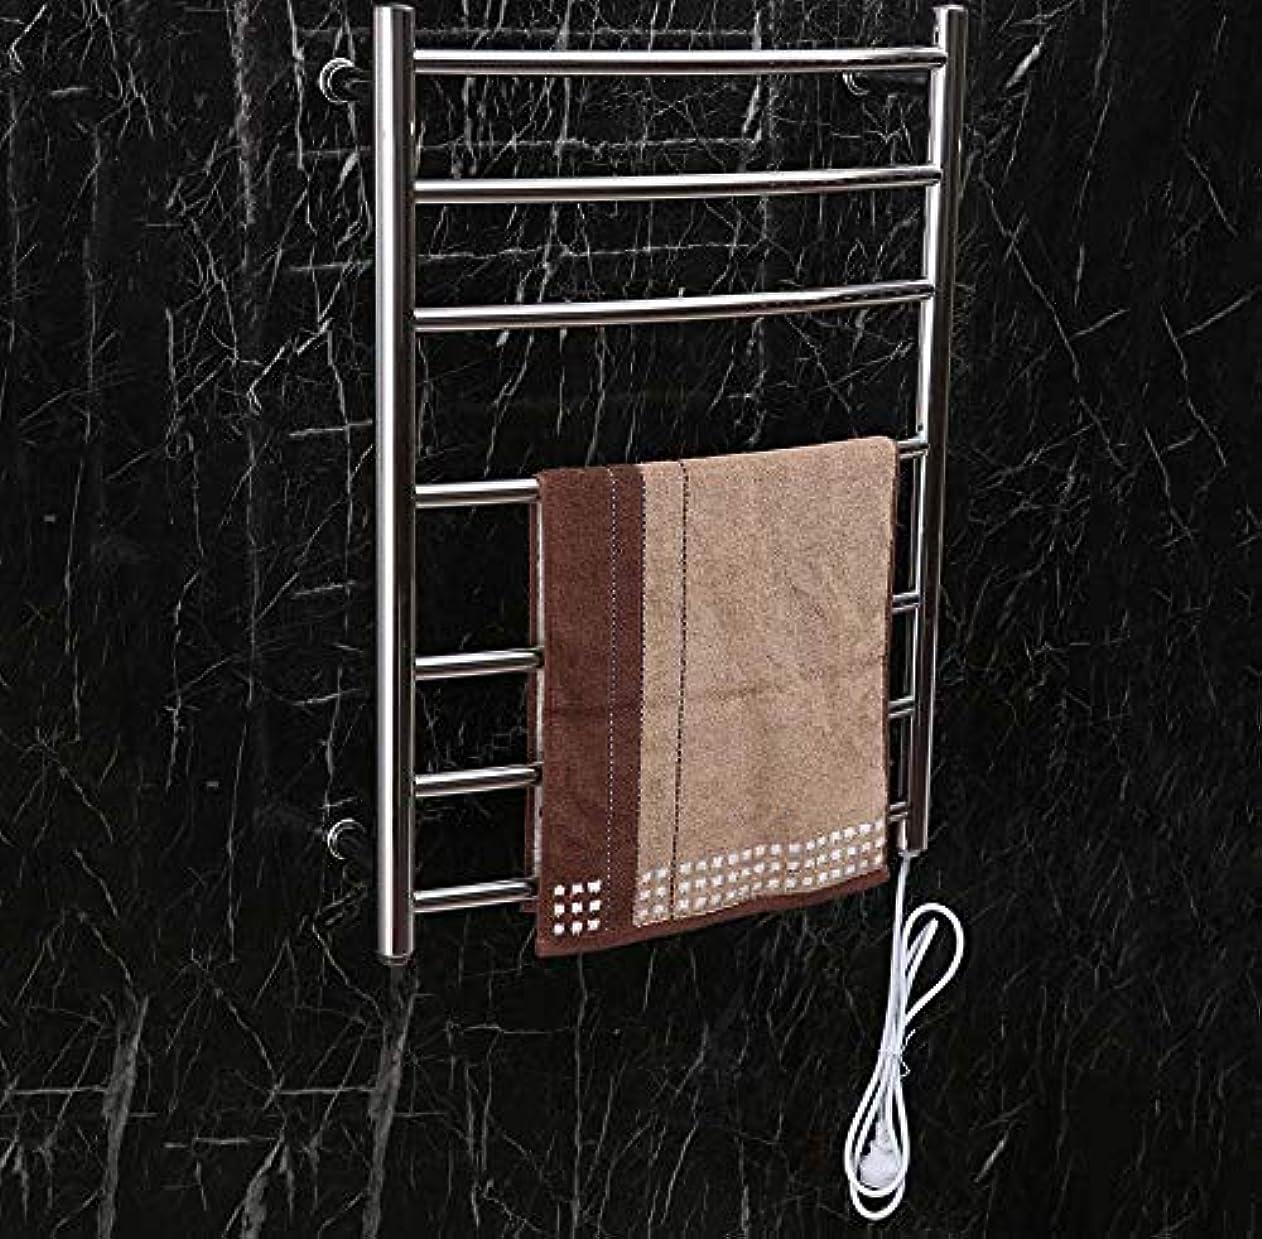 304ステンレス鋼の電気タオル掛け、65W壁に取り付けられたスマートな電気タオルのラジエーターの家のホテルの浴室の棚、700X520X125mm